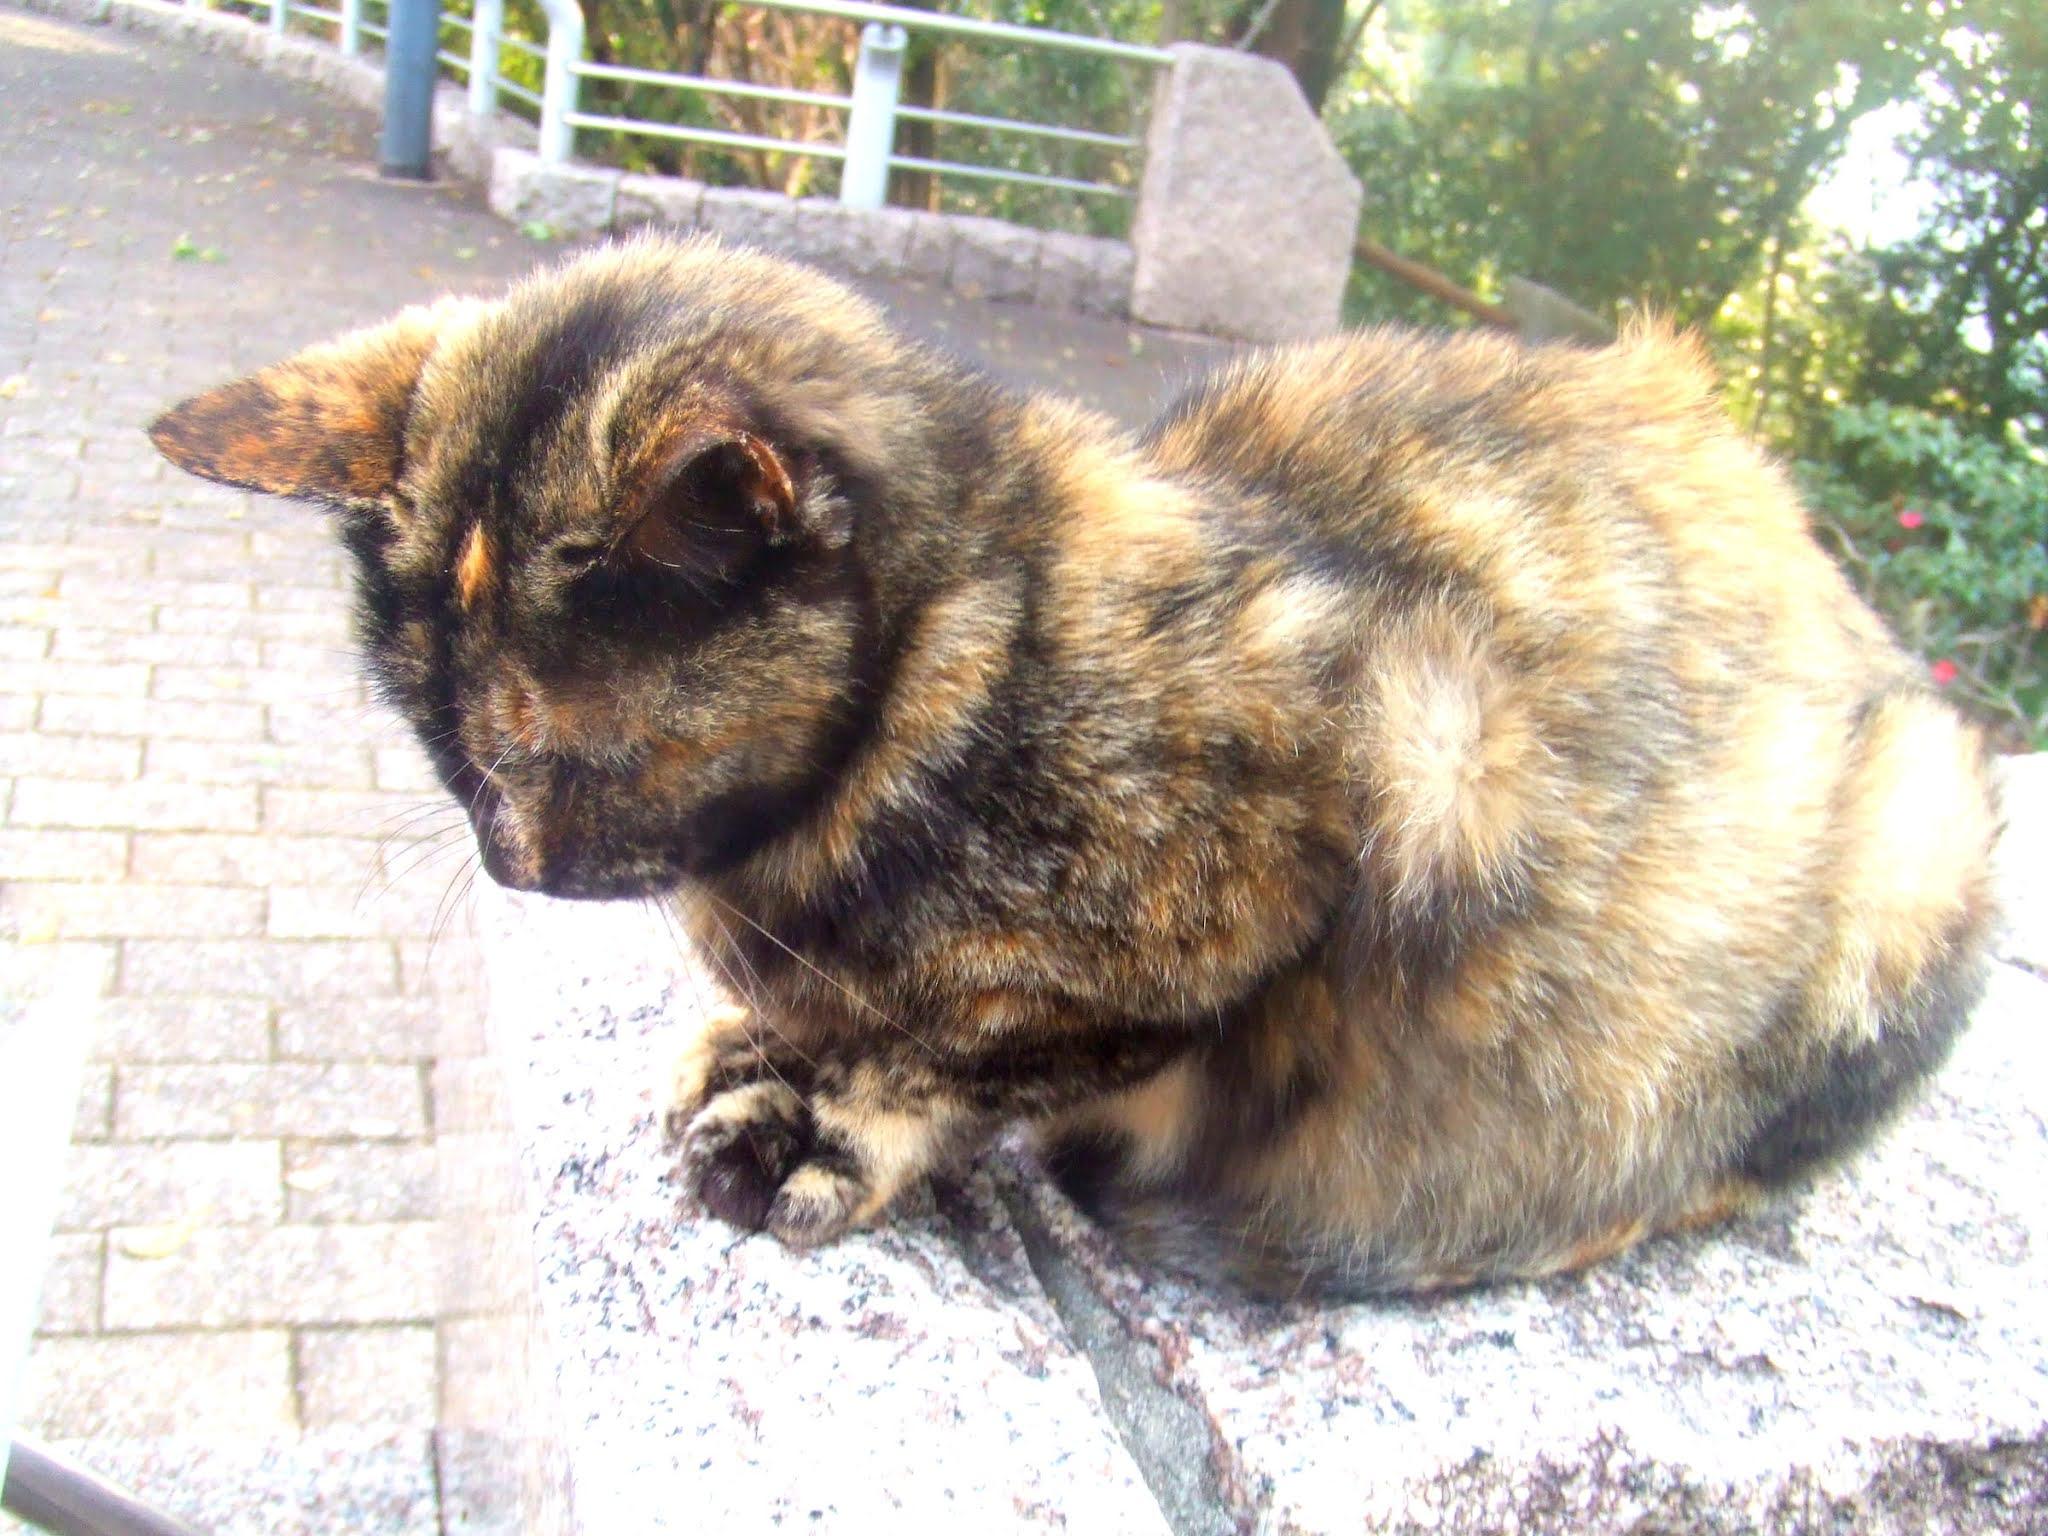 猫さんの全体の写真です。ちょっとうつむき気味で顔が見えませんが、猫ブログなどにどうでしょう。